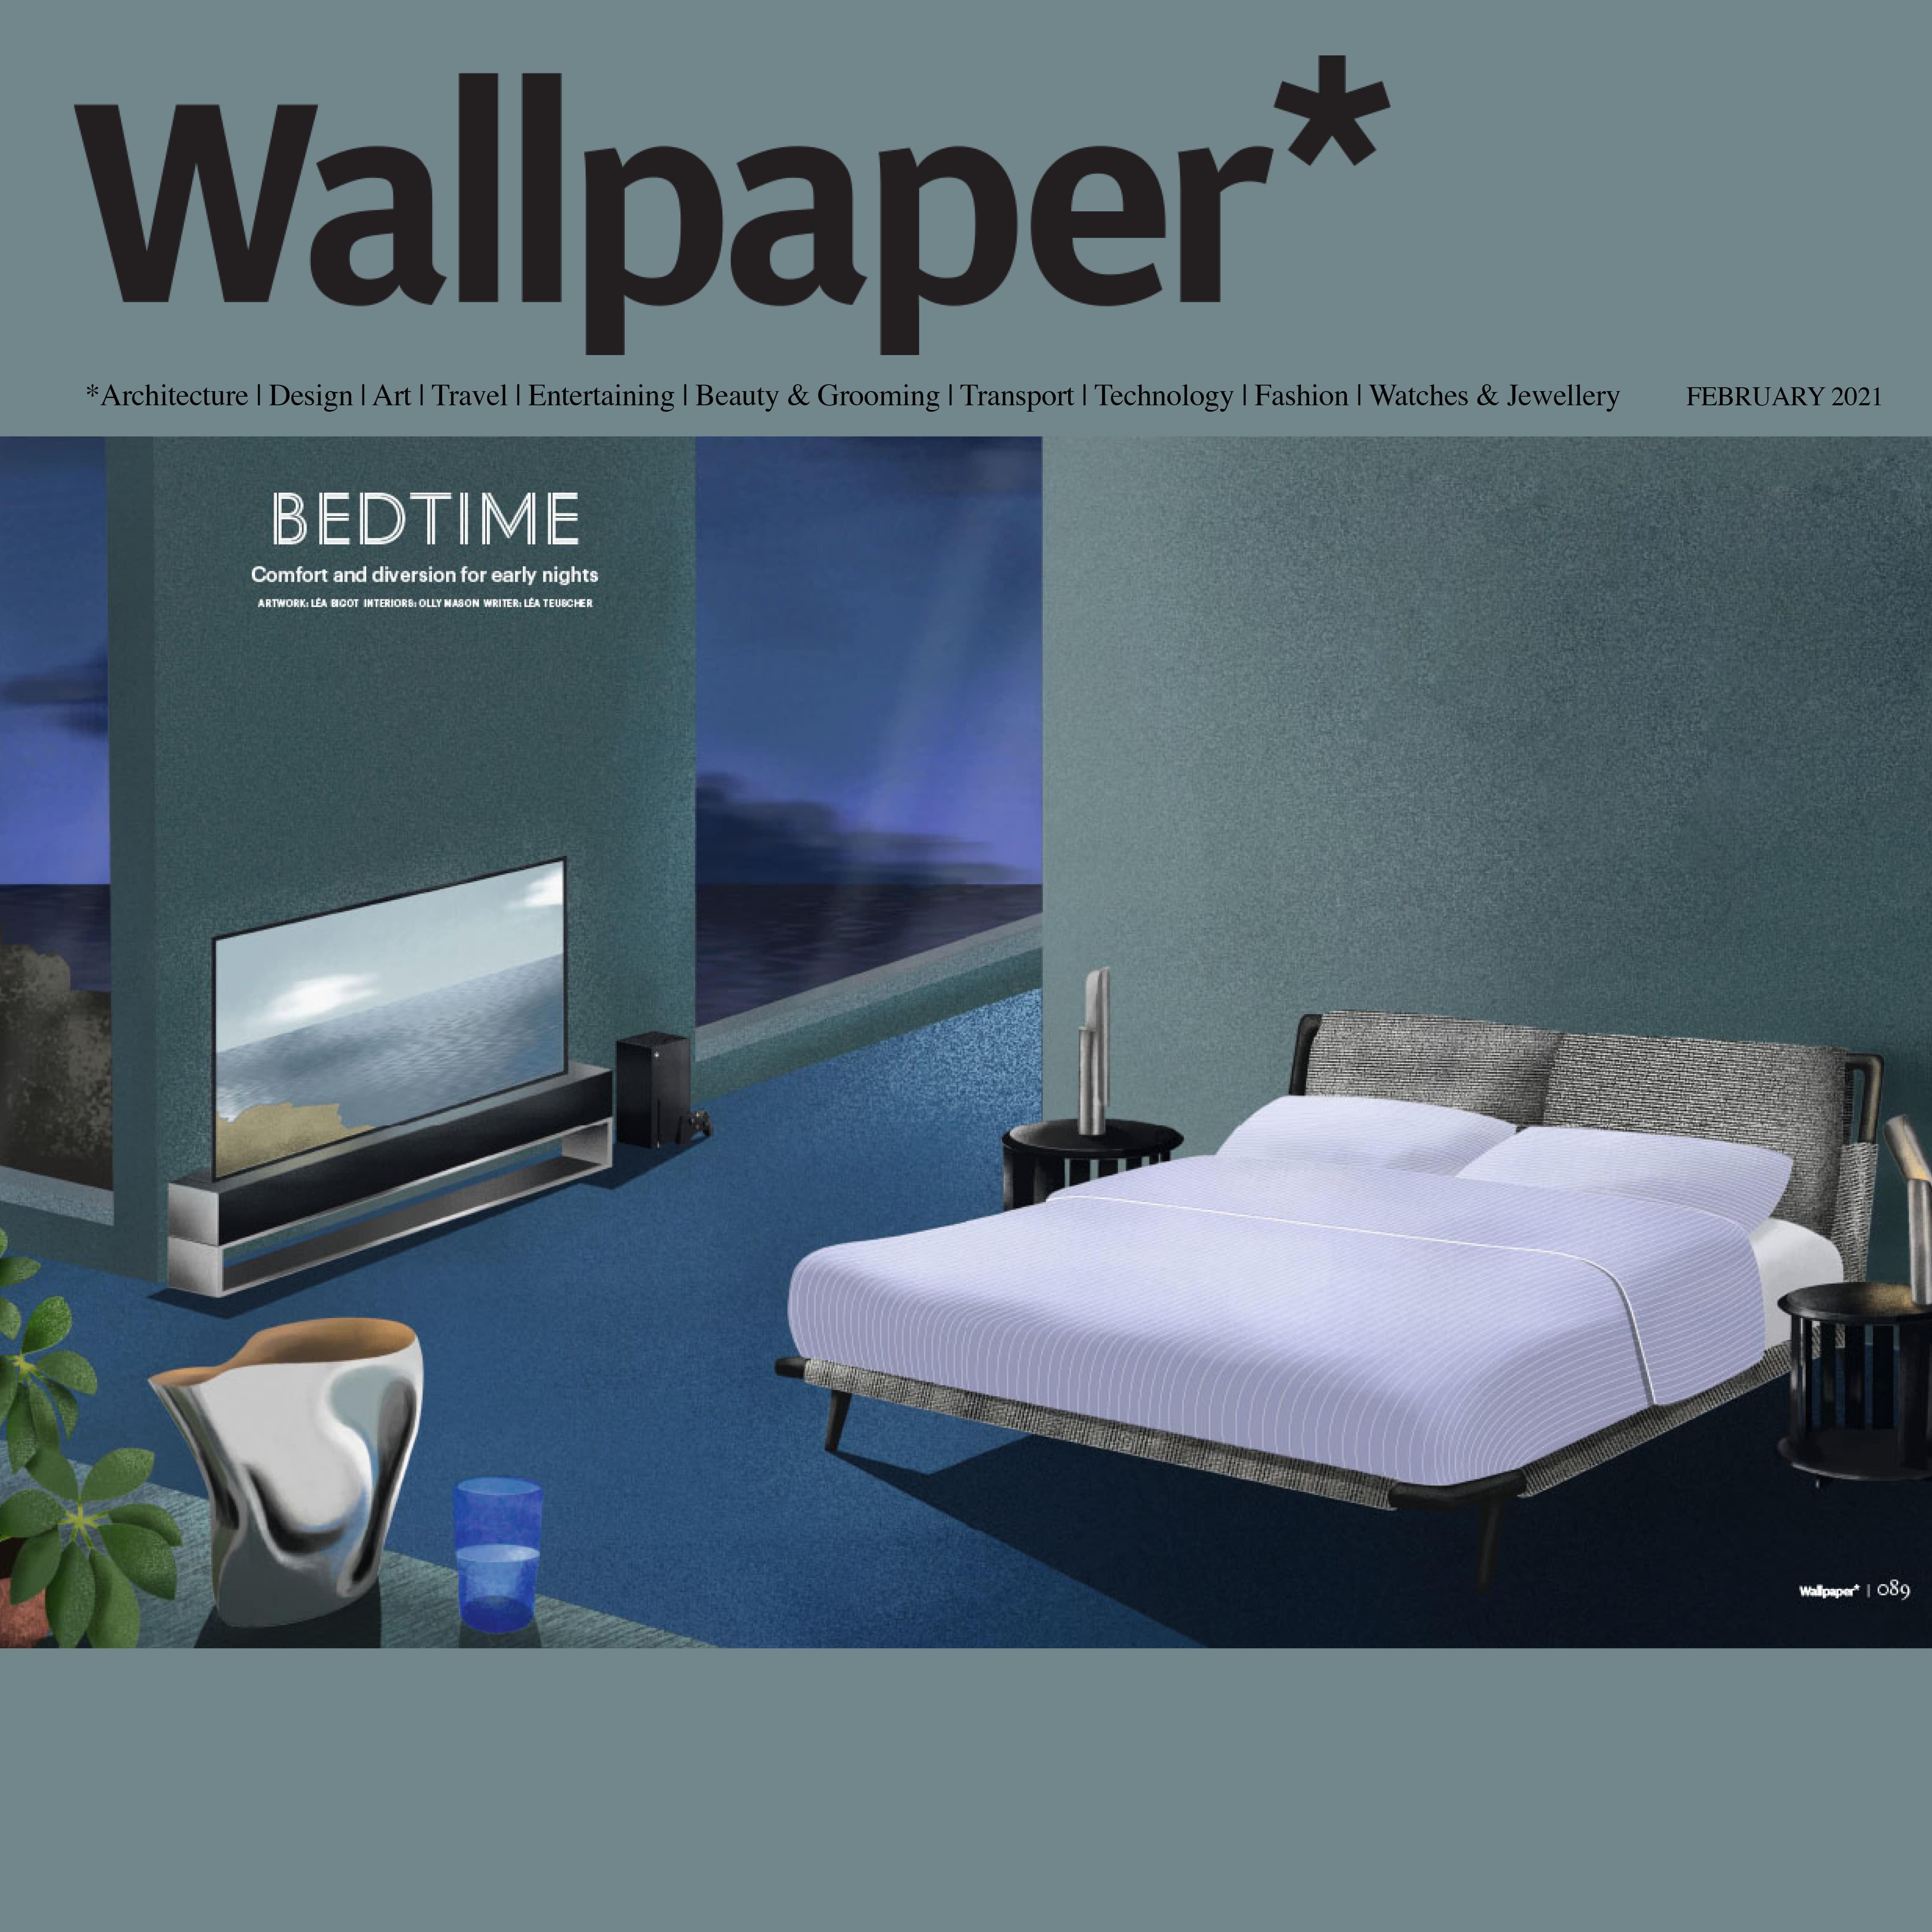 gaudi vince wallpaper design award best bedtime galbiati Milano design hub